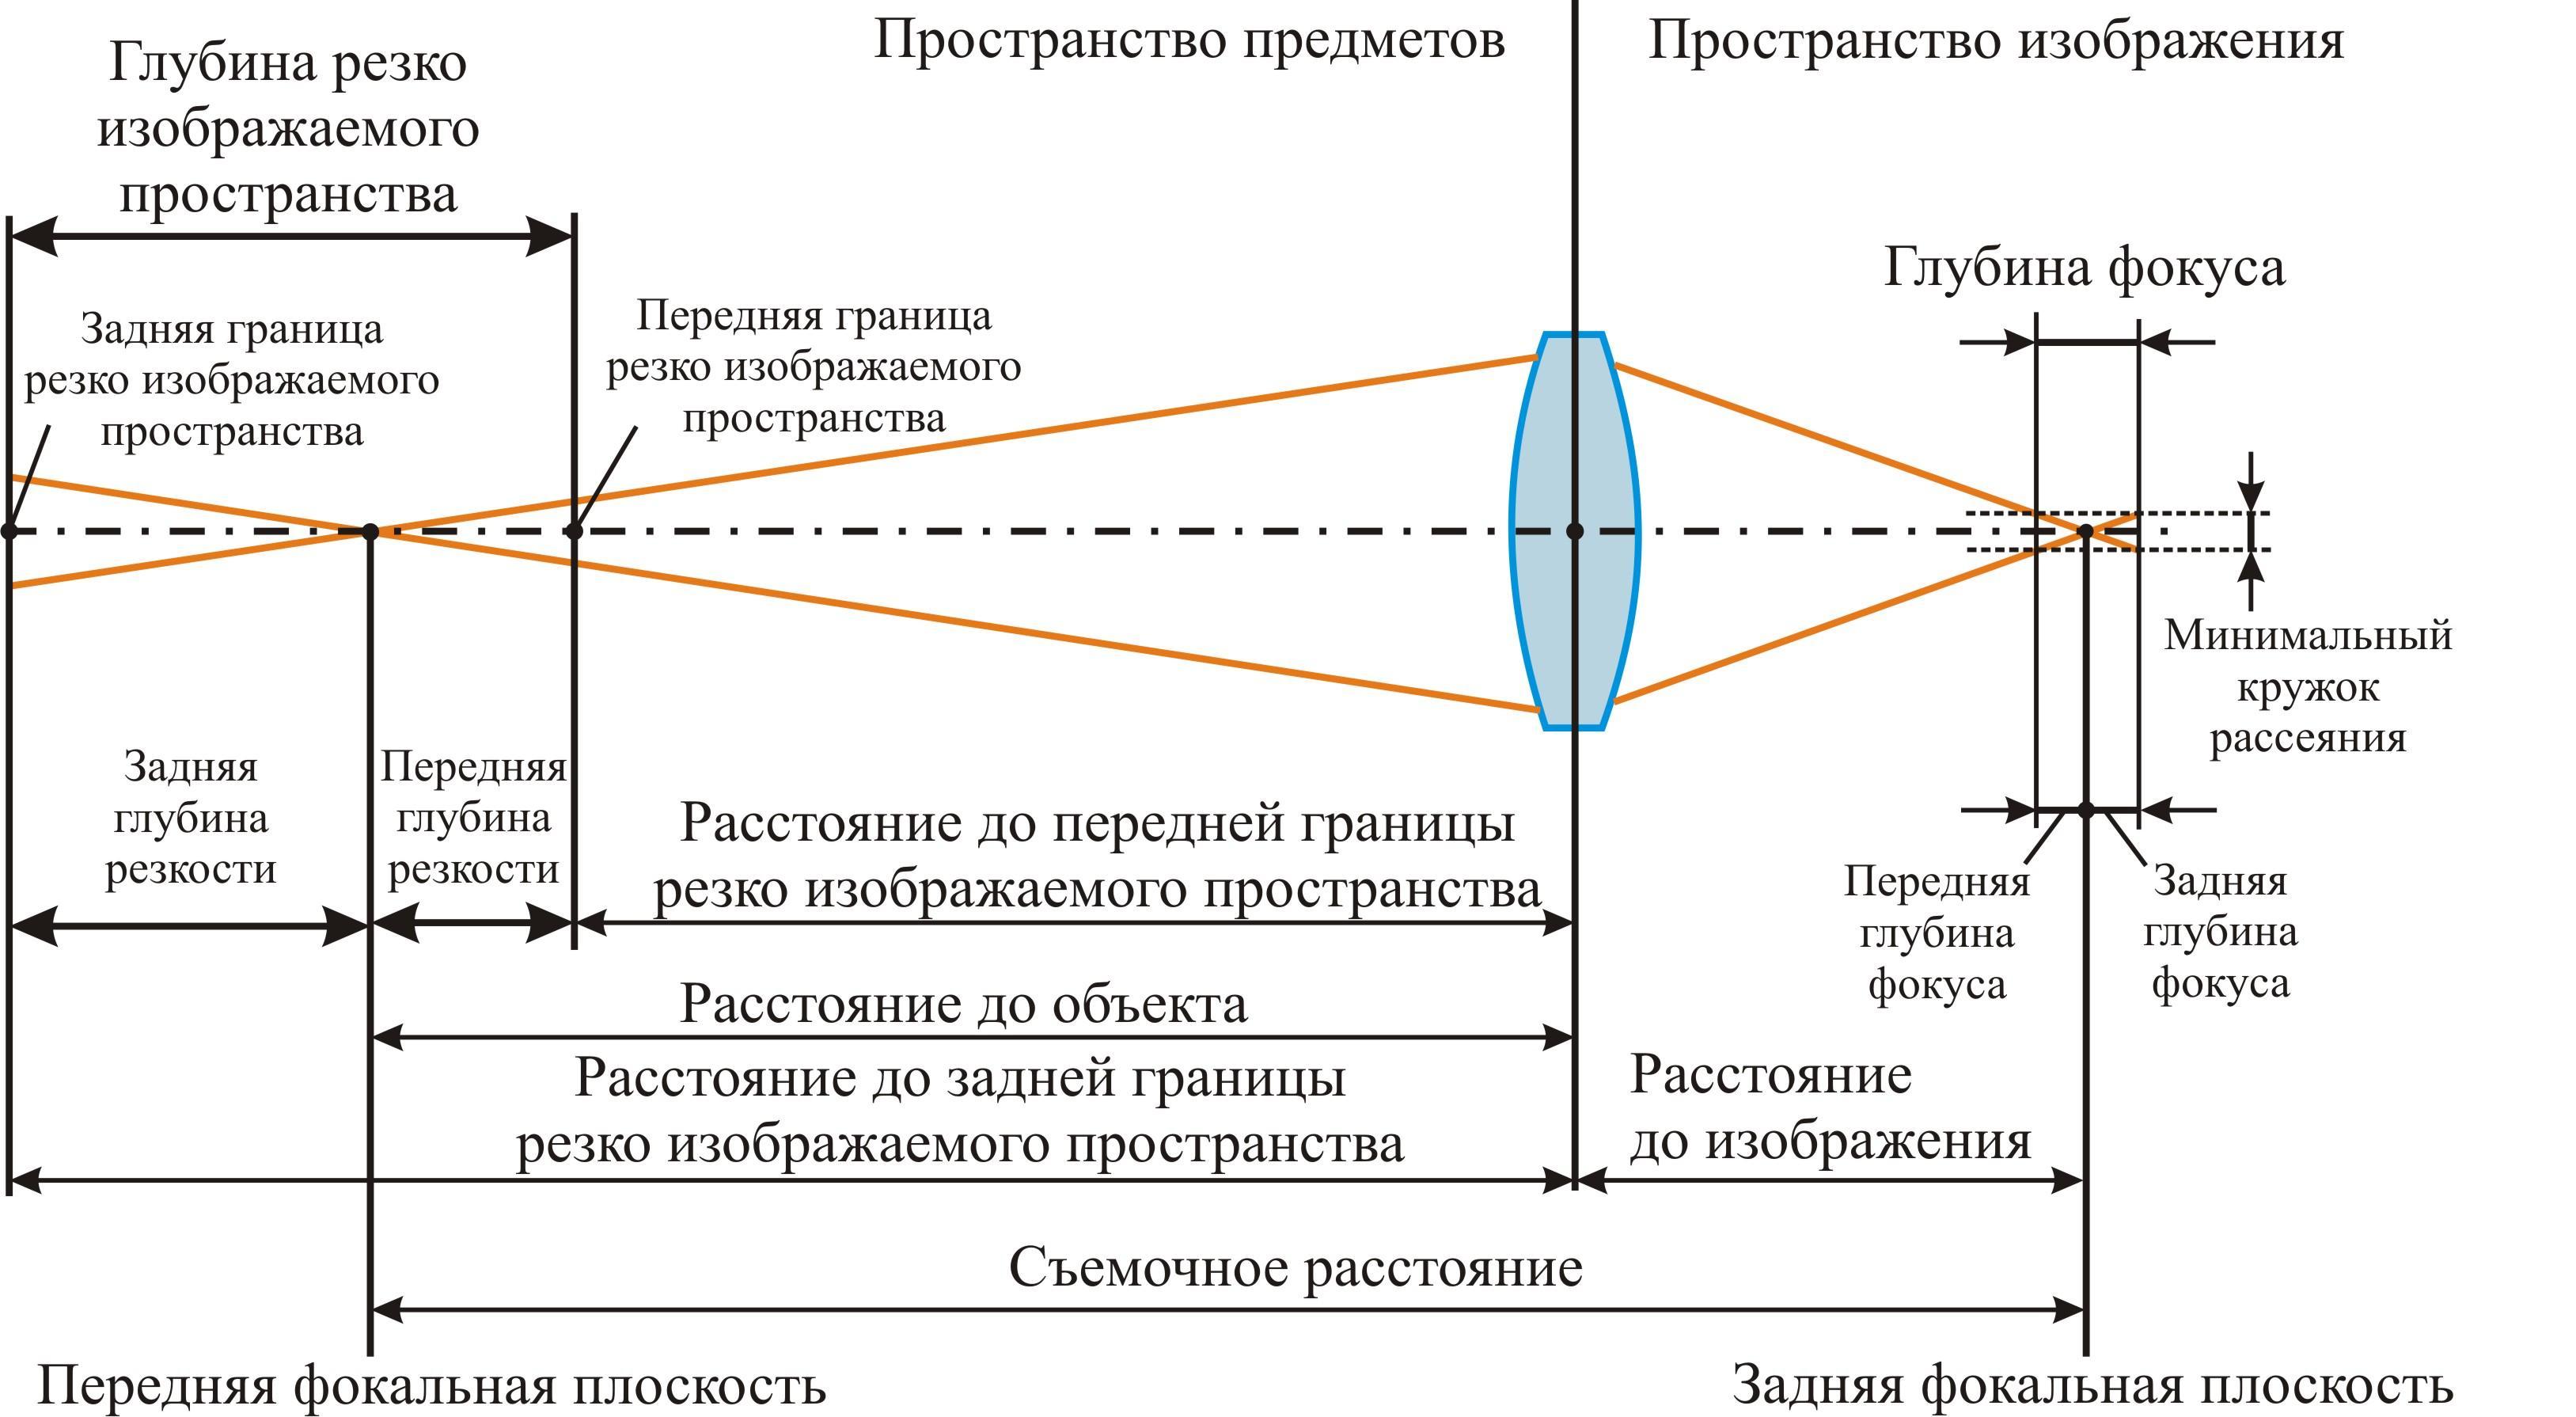 полностью на что влияет фокусное расстояние в фотоаппарате сша